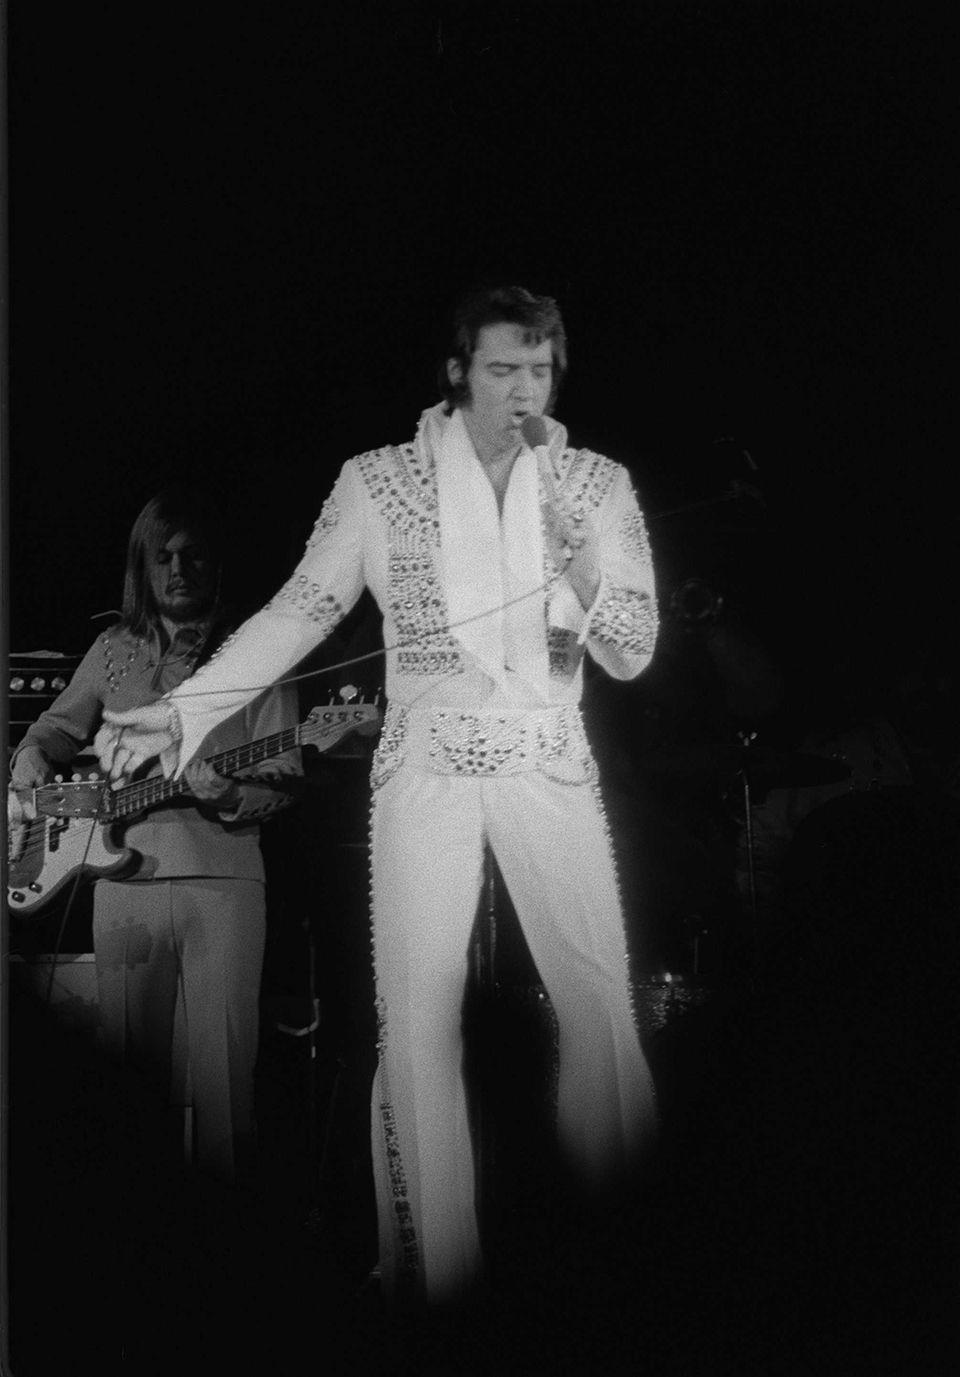 Elvis Presley performs at Nassau Coliseum on June